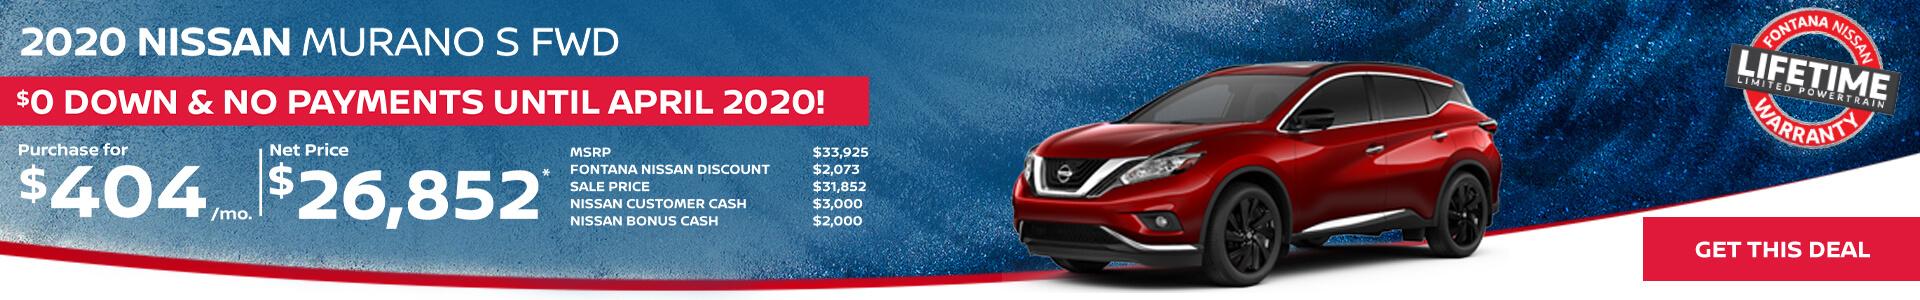 Nissan Murano $404